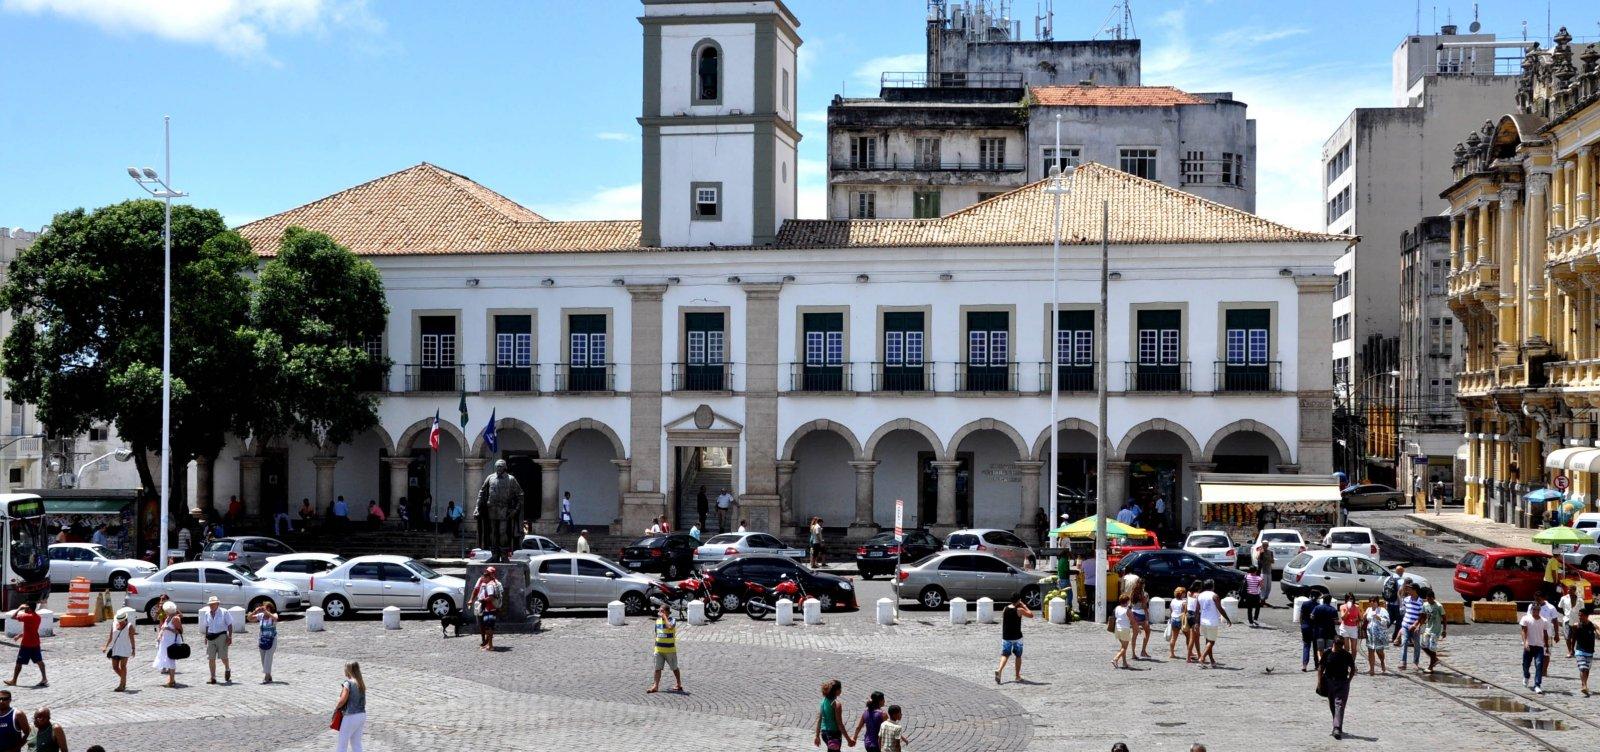 'Lei Tiago Correia': advogados apontam inconstitucionalidade e estranham matéria